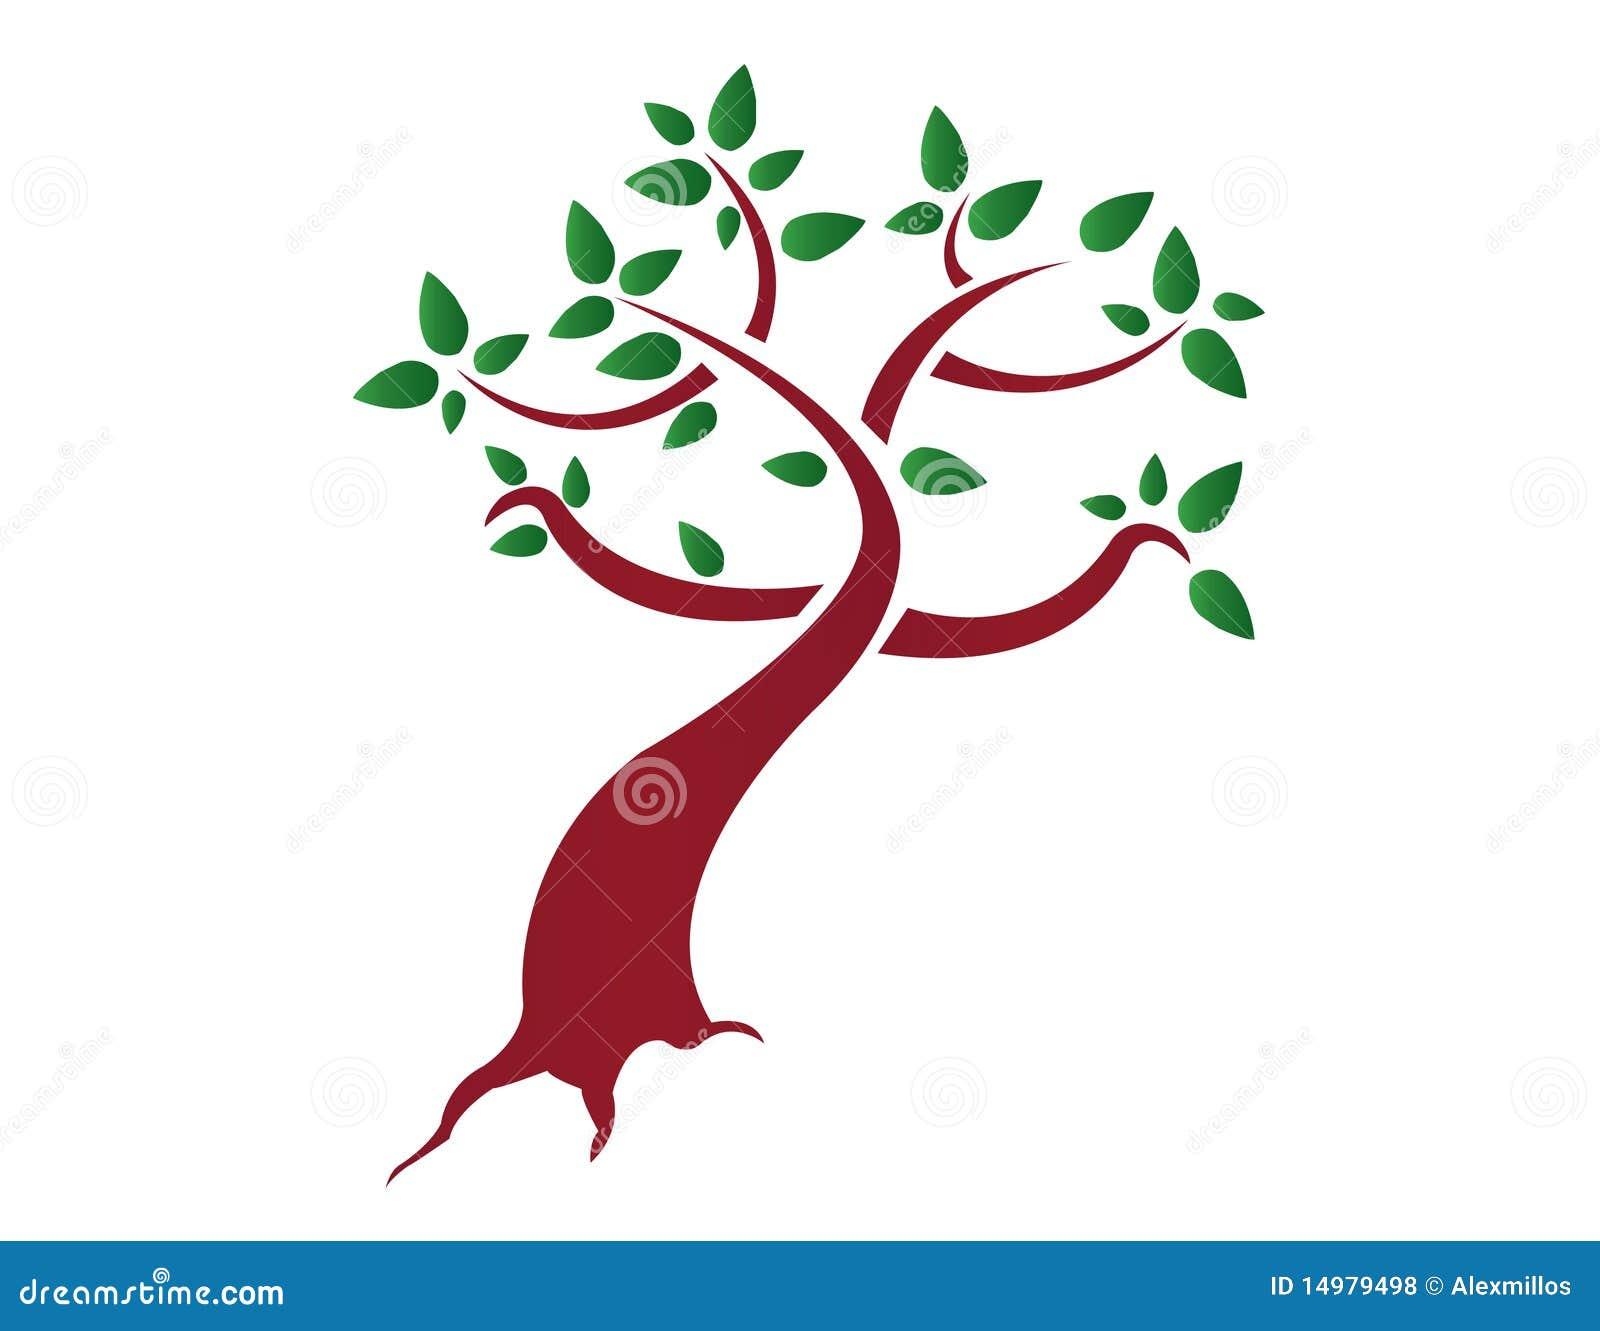 Stilisiert Baum